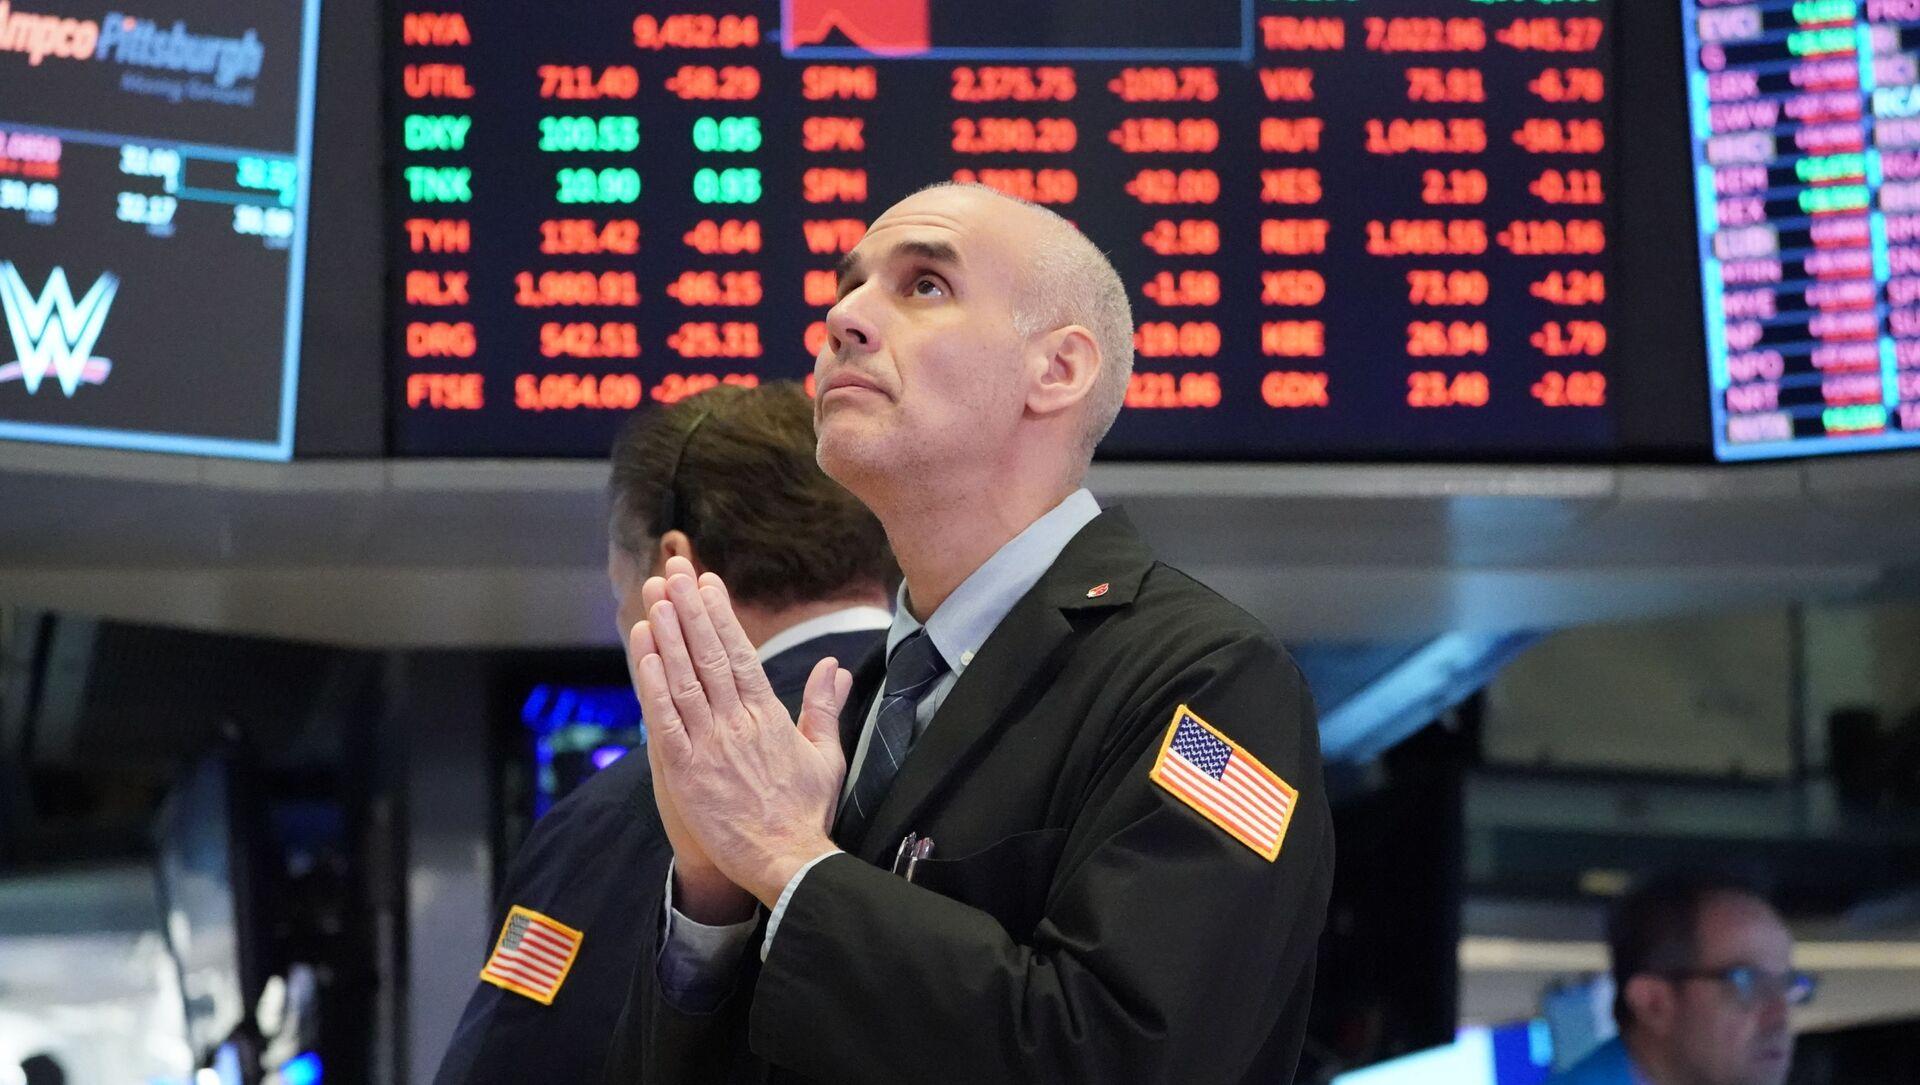 Un trader à Wall Street - Sputnik France, 1920, 02.03.2021